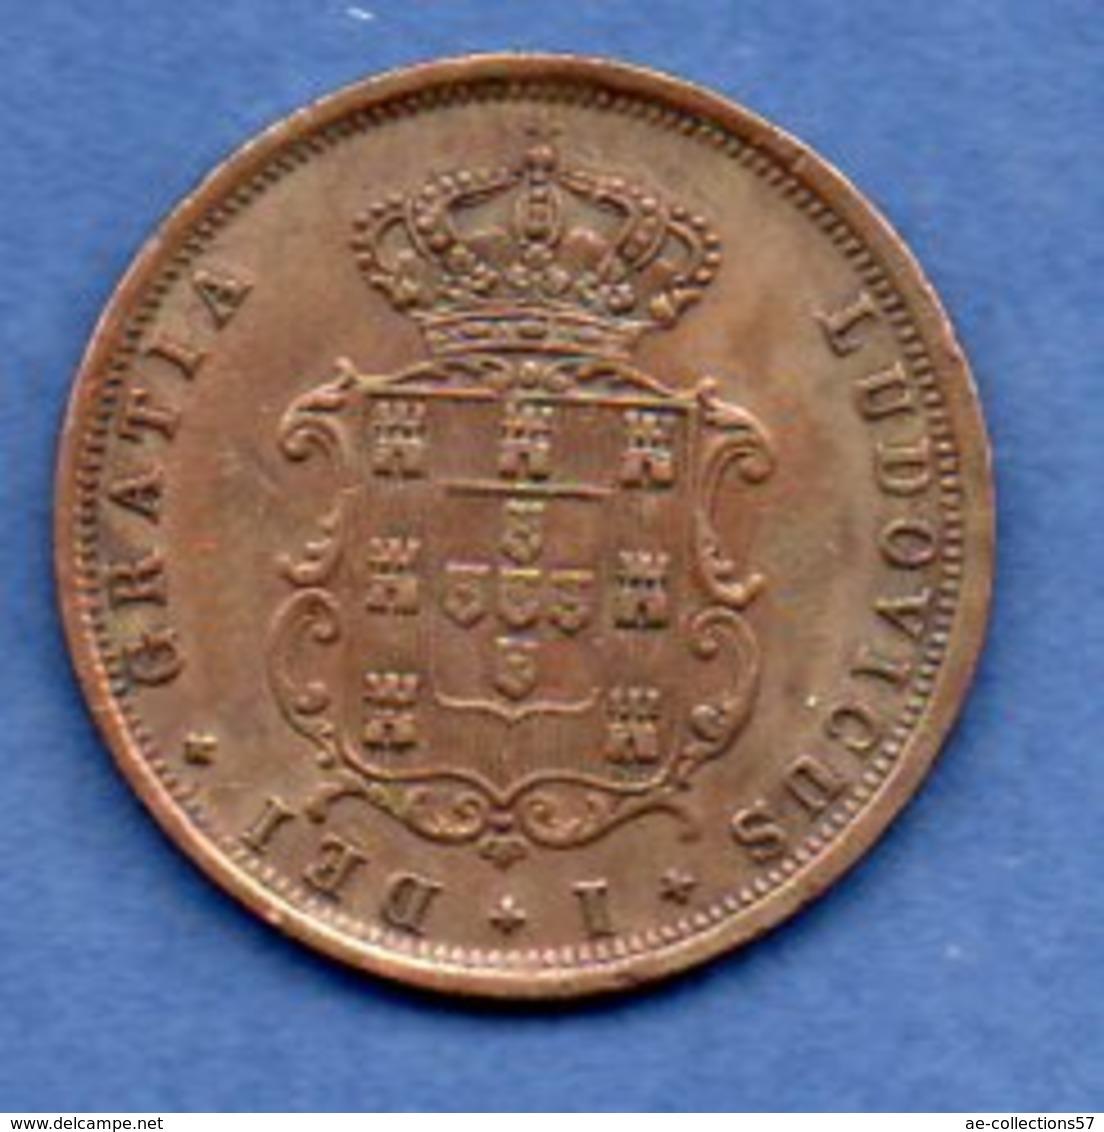 Portugal   - 5 Reis 1868   -  Km # 513  - état TTB -  1 Coup Tranche - Portugal